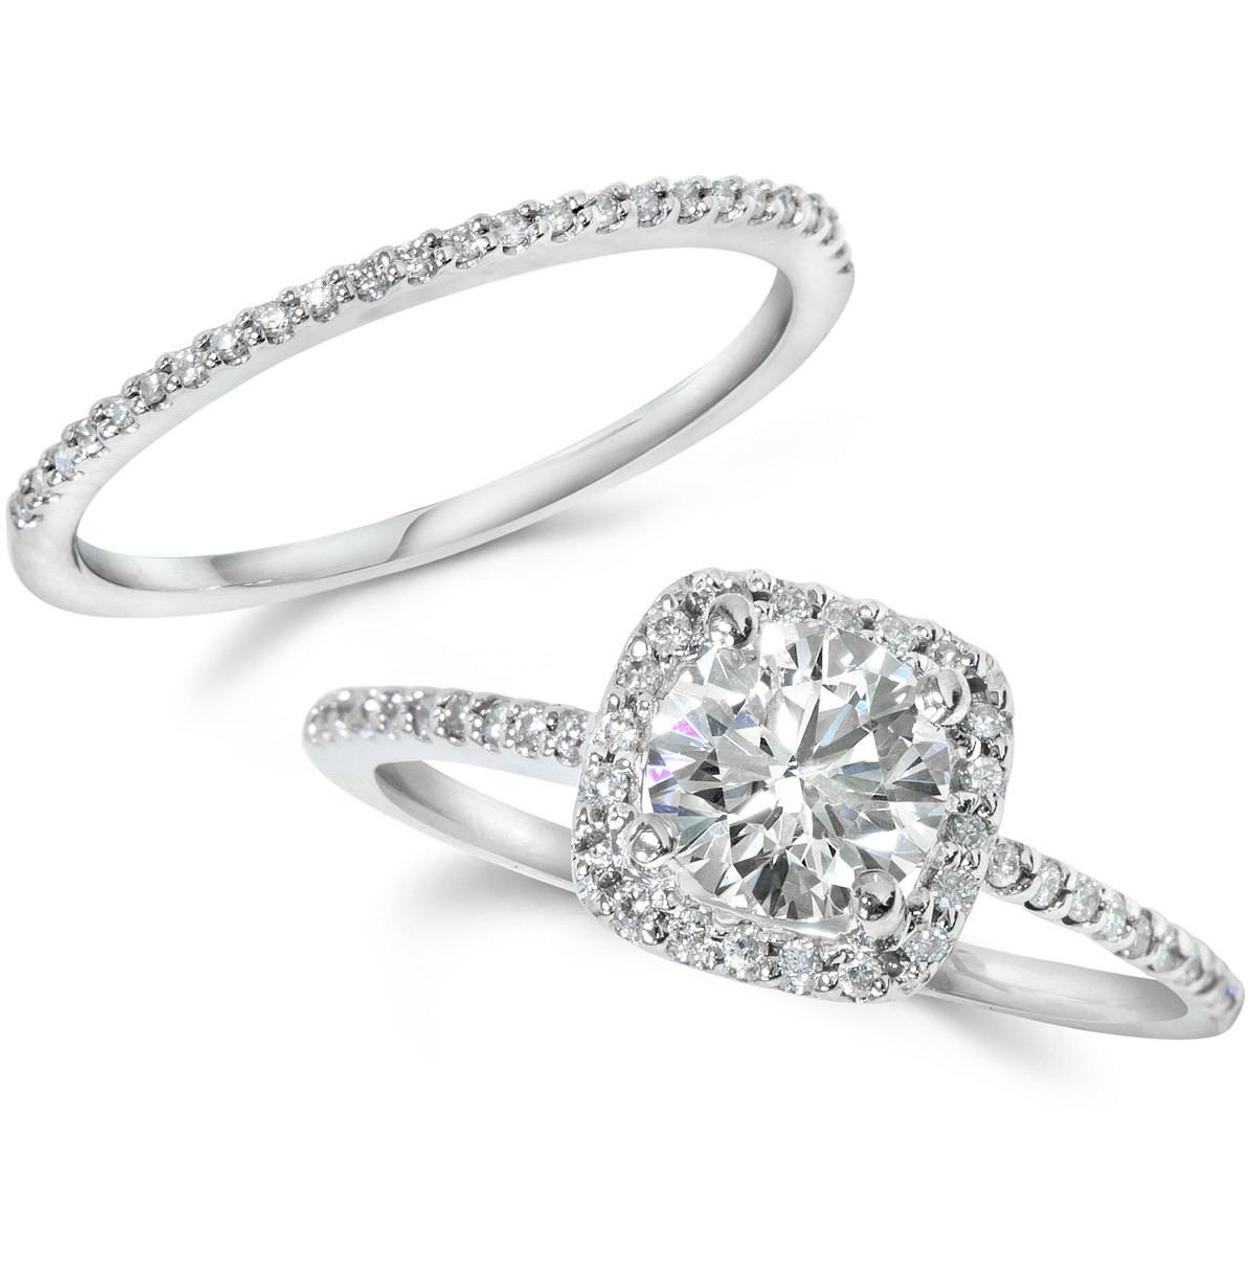 1ct Diamond Engagement Ring Cushion Halo Wedding Set 14k White Gold H I I1